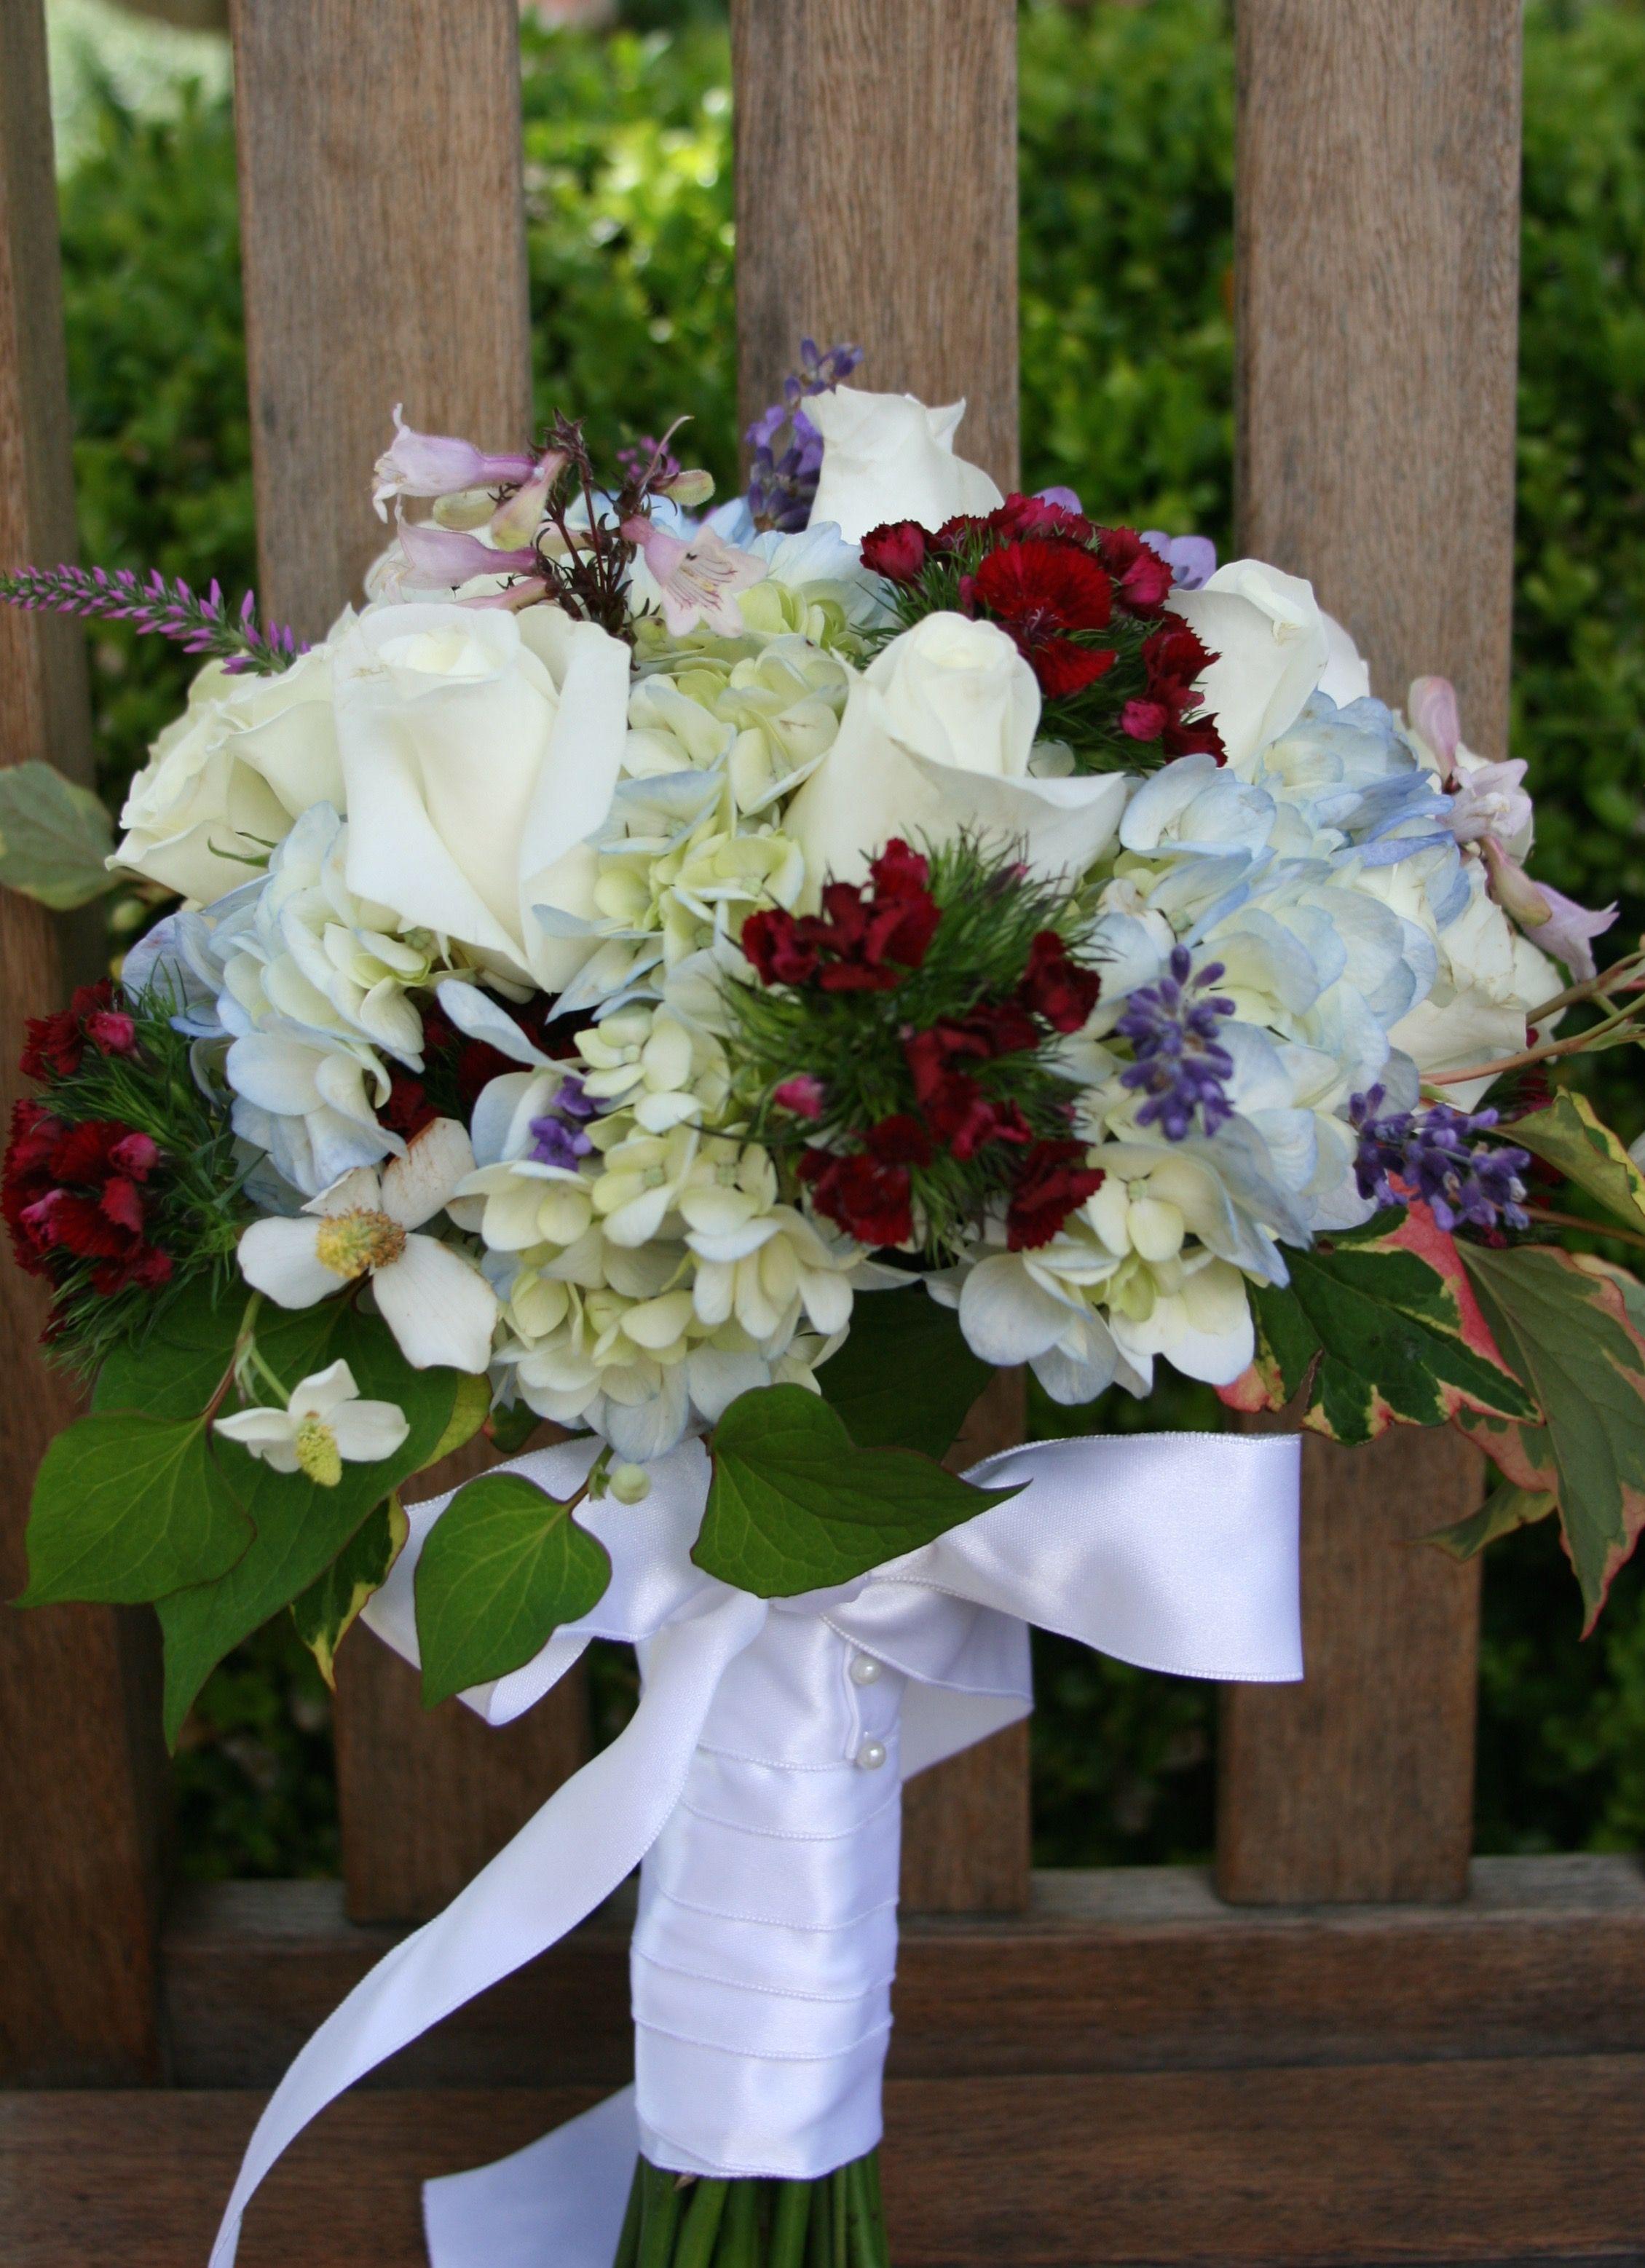 Summer Wedding Bouquet Blue Hydrangea White Roses Sweet William